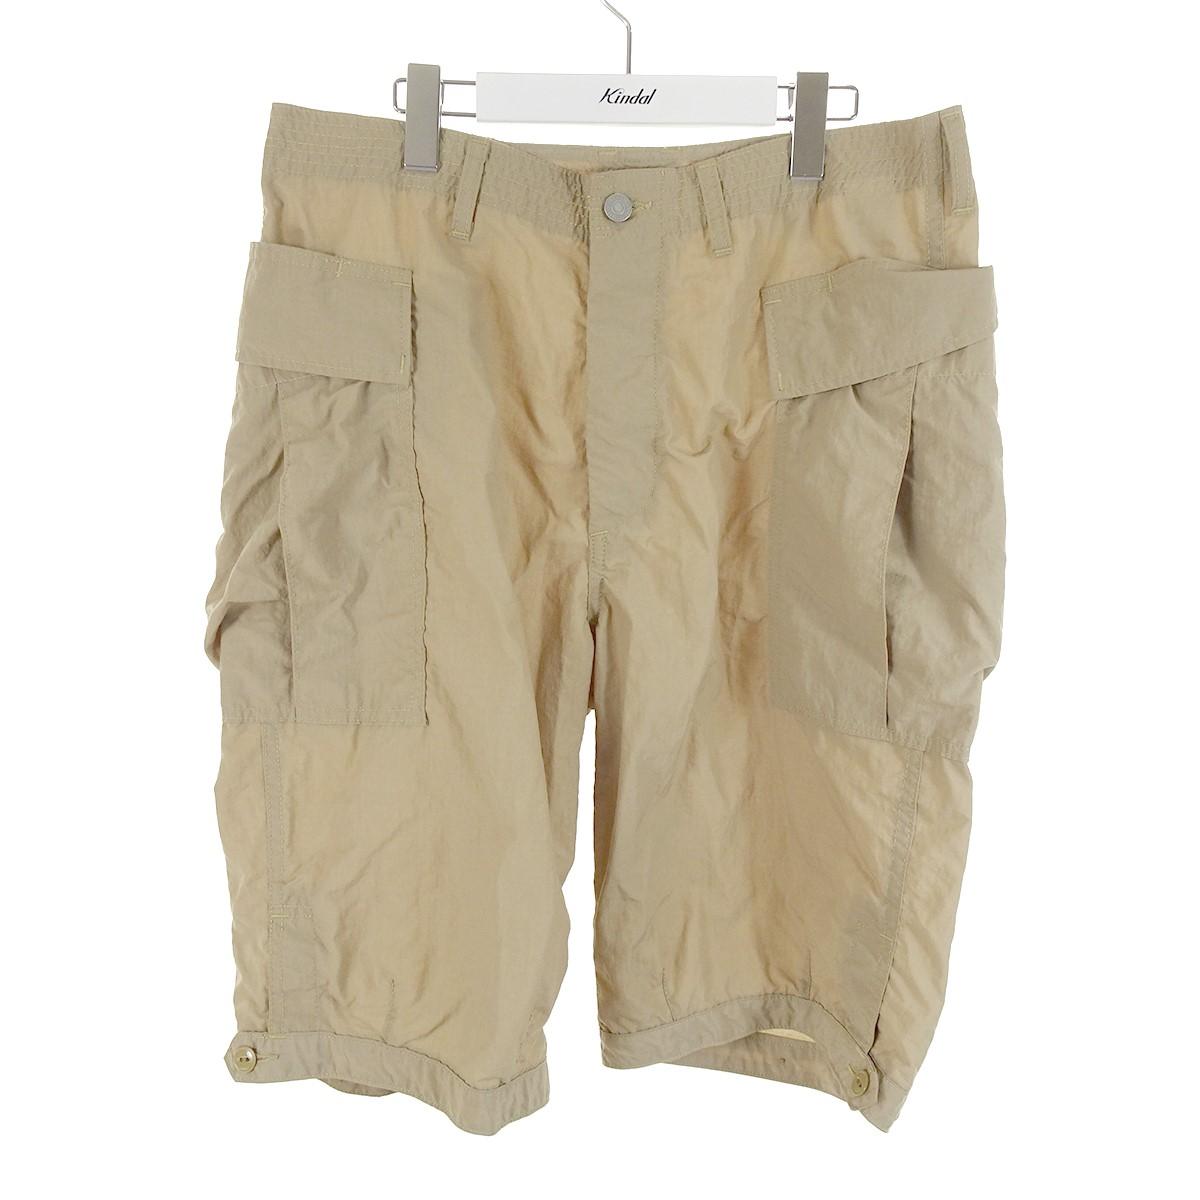 【中古】SASSAFRAS Trug Fatigue Pants 1/2 20SS ナイロンパンツ ベージュ サイズ:L 【160720】(ササフラス)